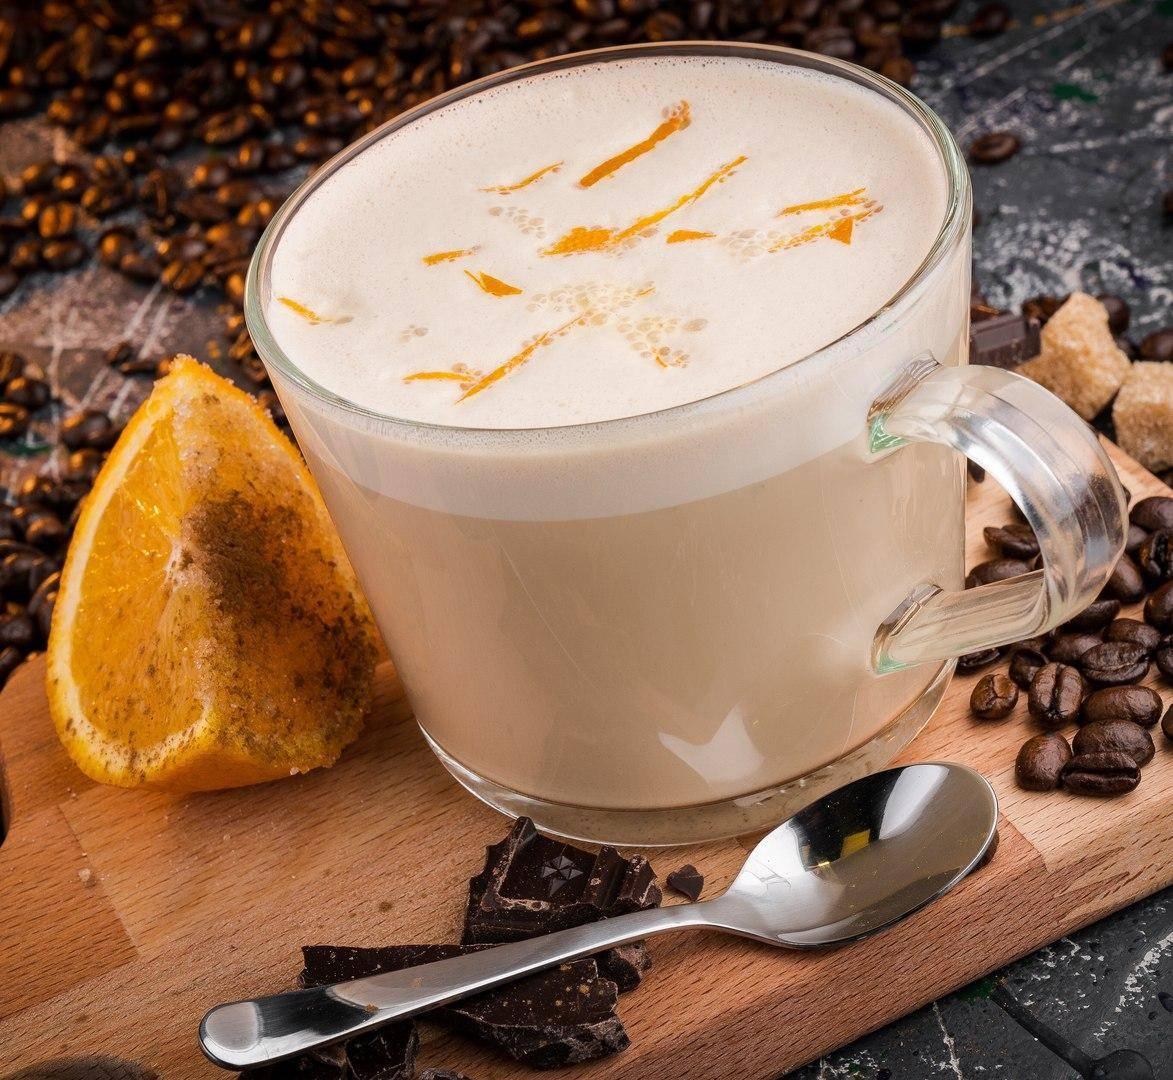 Рецепт кофе раф: поэтапно, приготовление кофе раф дома или в офисе. традиционный рецепт. история напитка раф